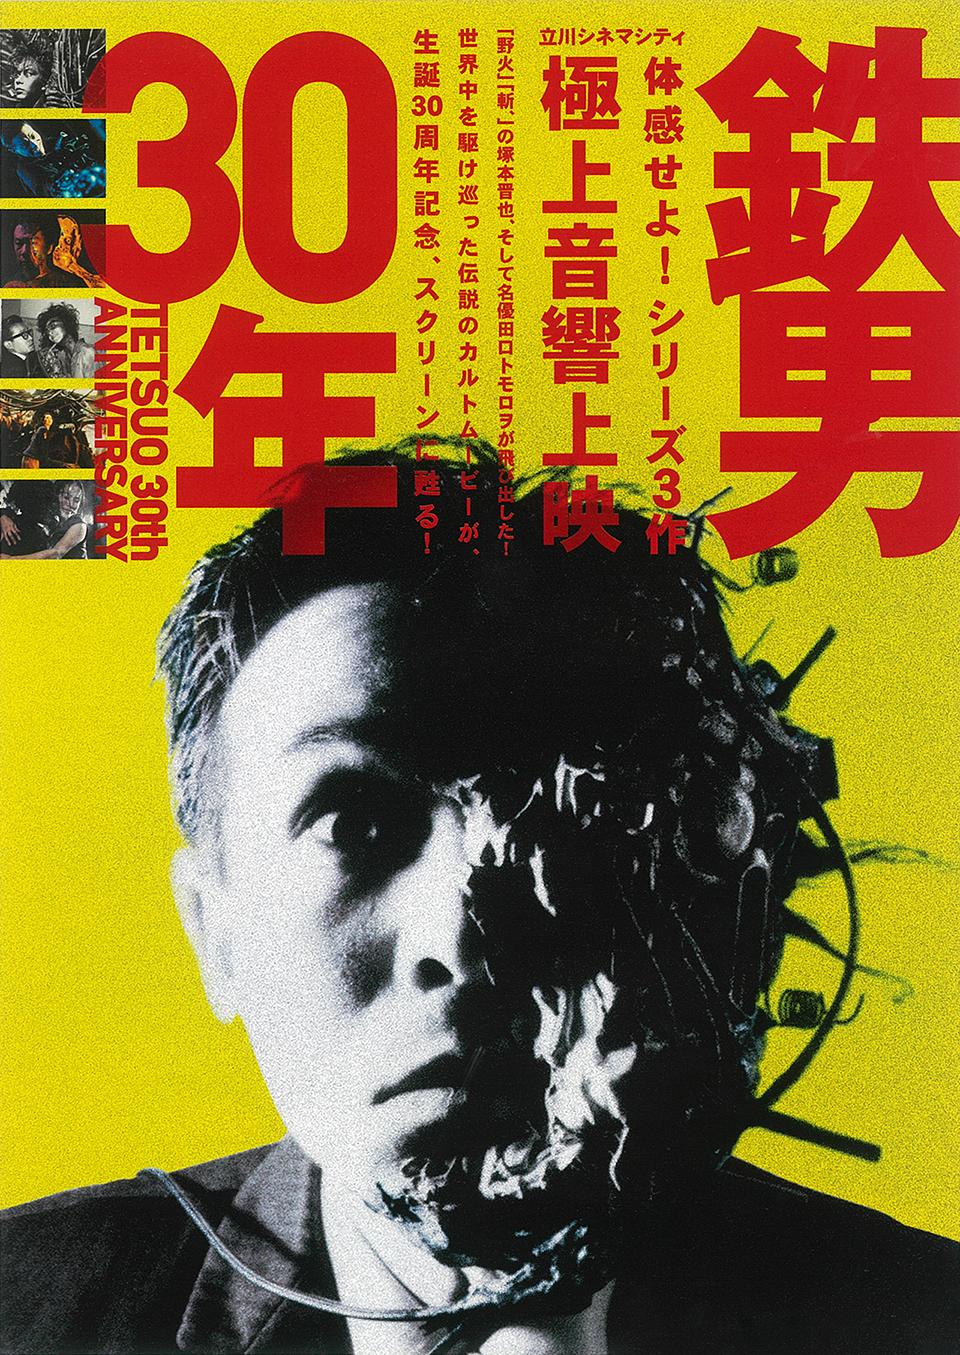 『鉄男』30周年3部作【極音】/「荒野のコトブキ飛行隊」【極音】/『ボラプ』ライブスタイルほか